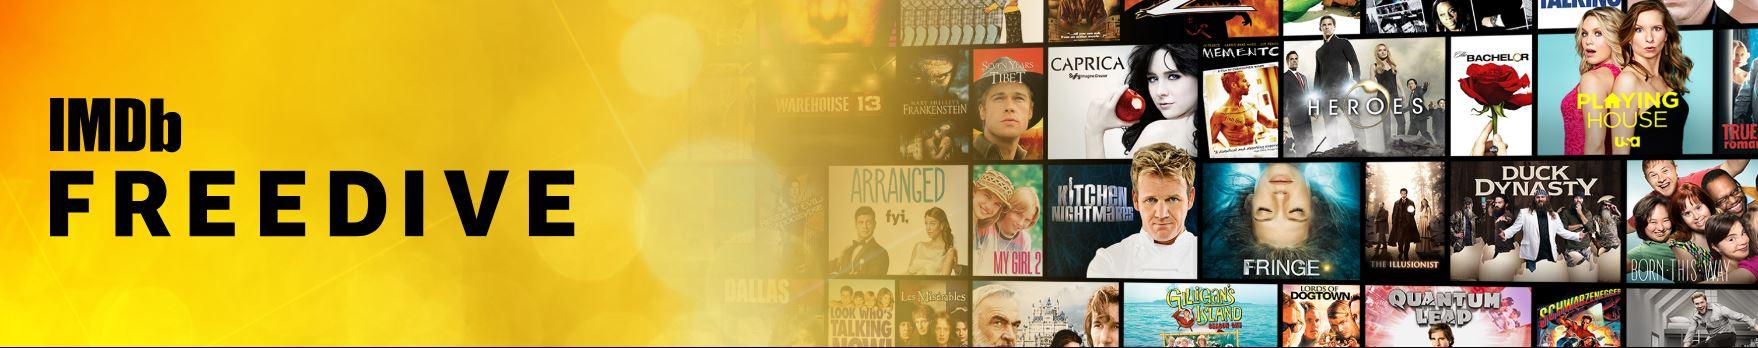 Amazon e IMDb hanno lanciato Freedive, servizio di streaming gratuito per film e serie TV 1